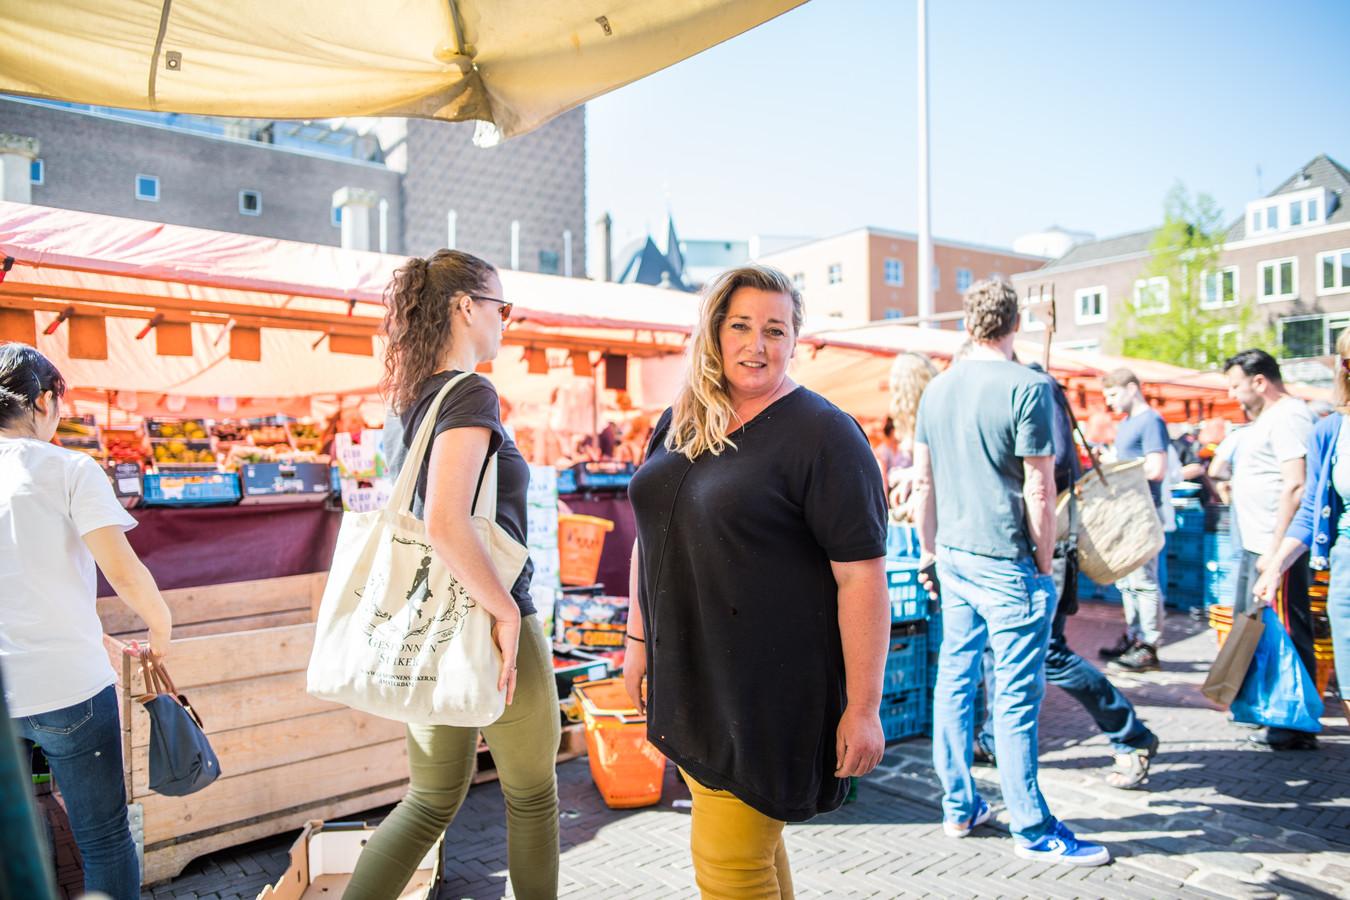 Susanne Willemsen in haar kraam voor het Huis der Provincie, fel criticus van het bestuur van de Stichting Arnhemse Warenmarkten. Ze blijft bij haar kritiek en denkt dat de gemeente er nog achter zal komen dat ze gelijk heeft.